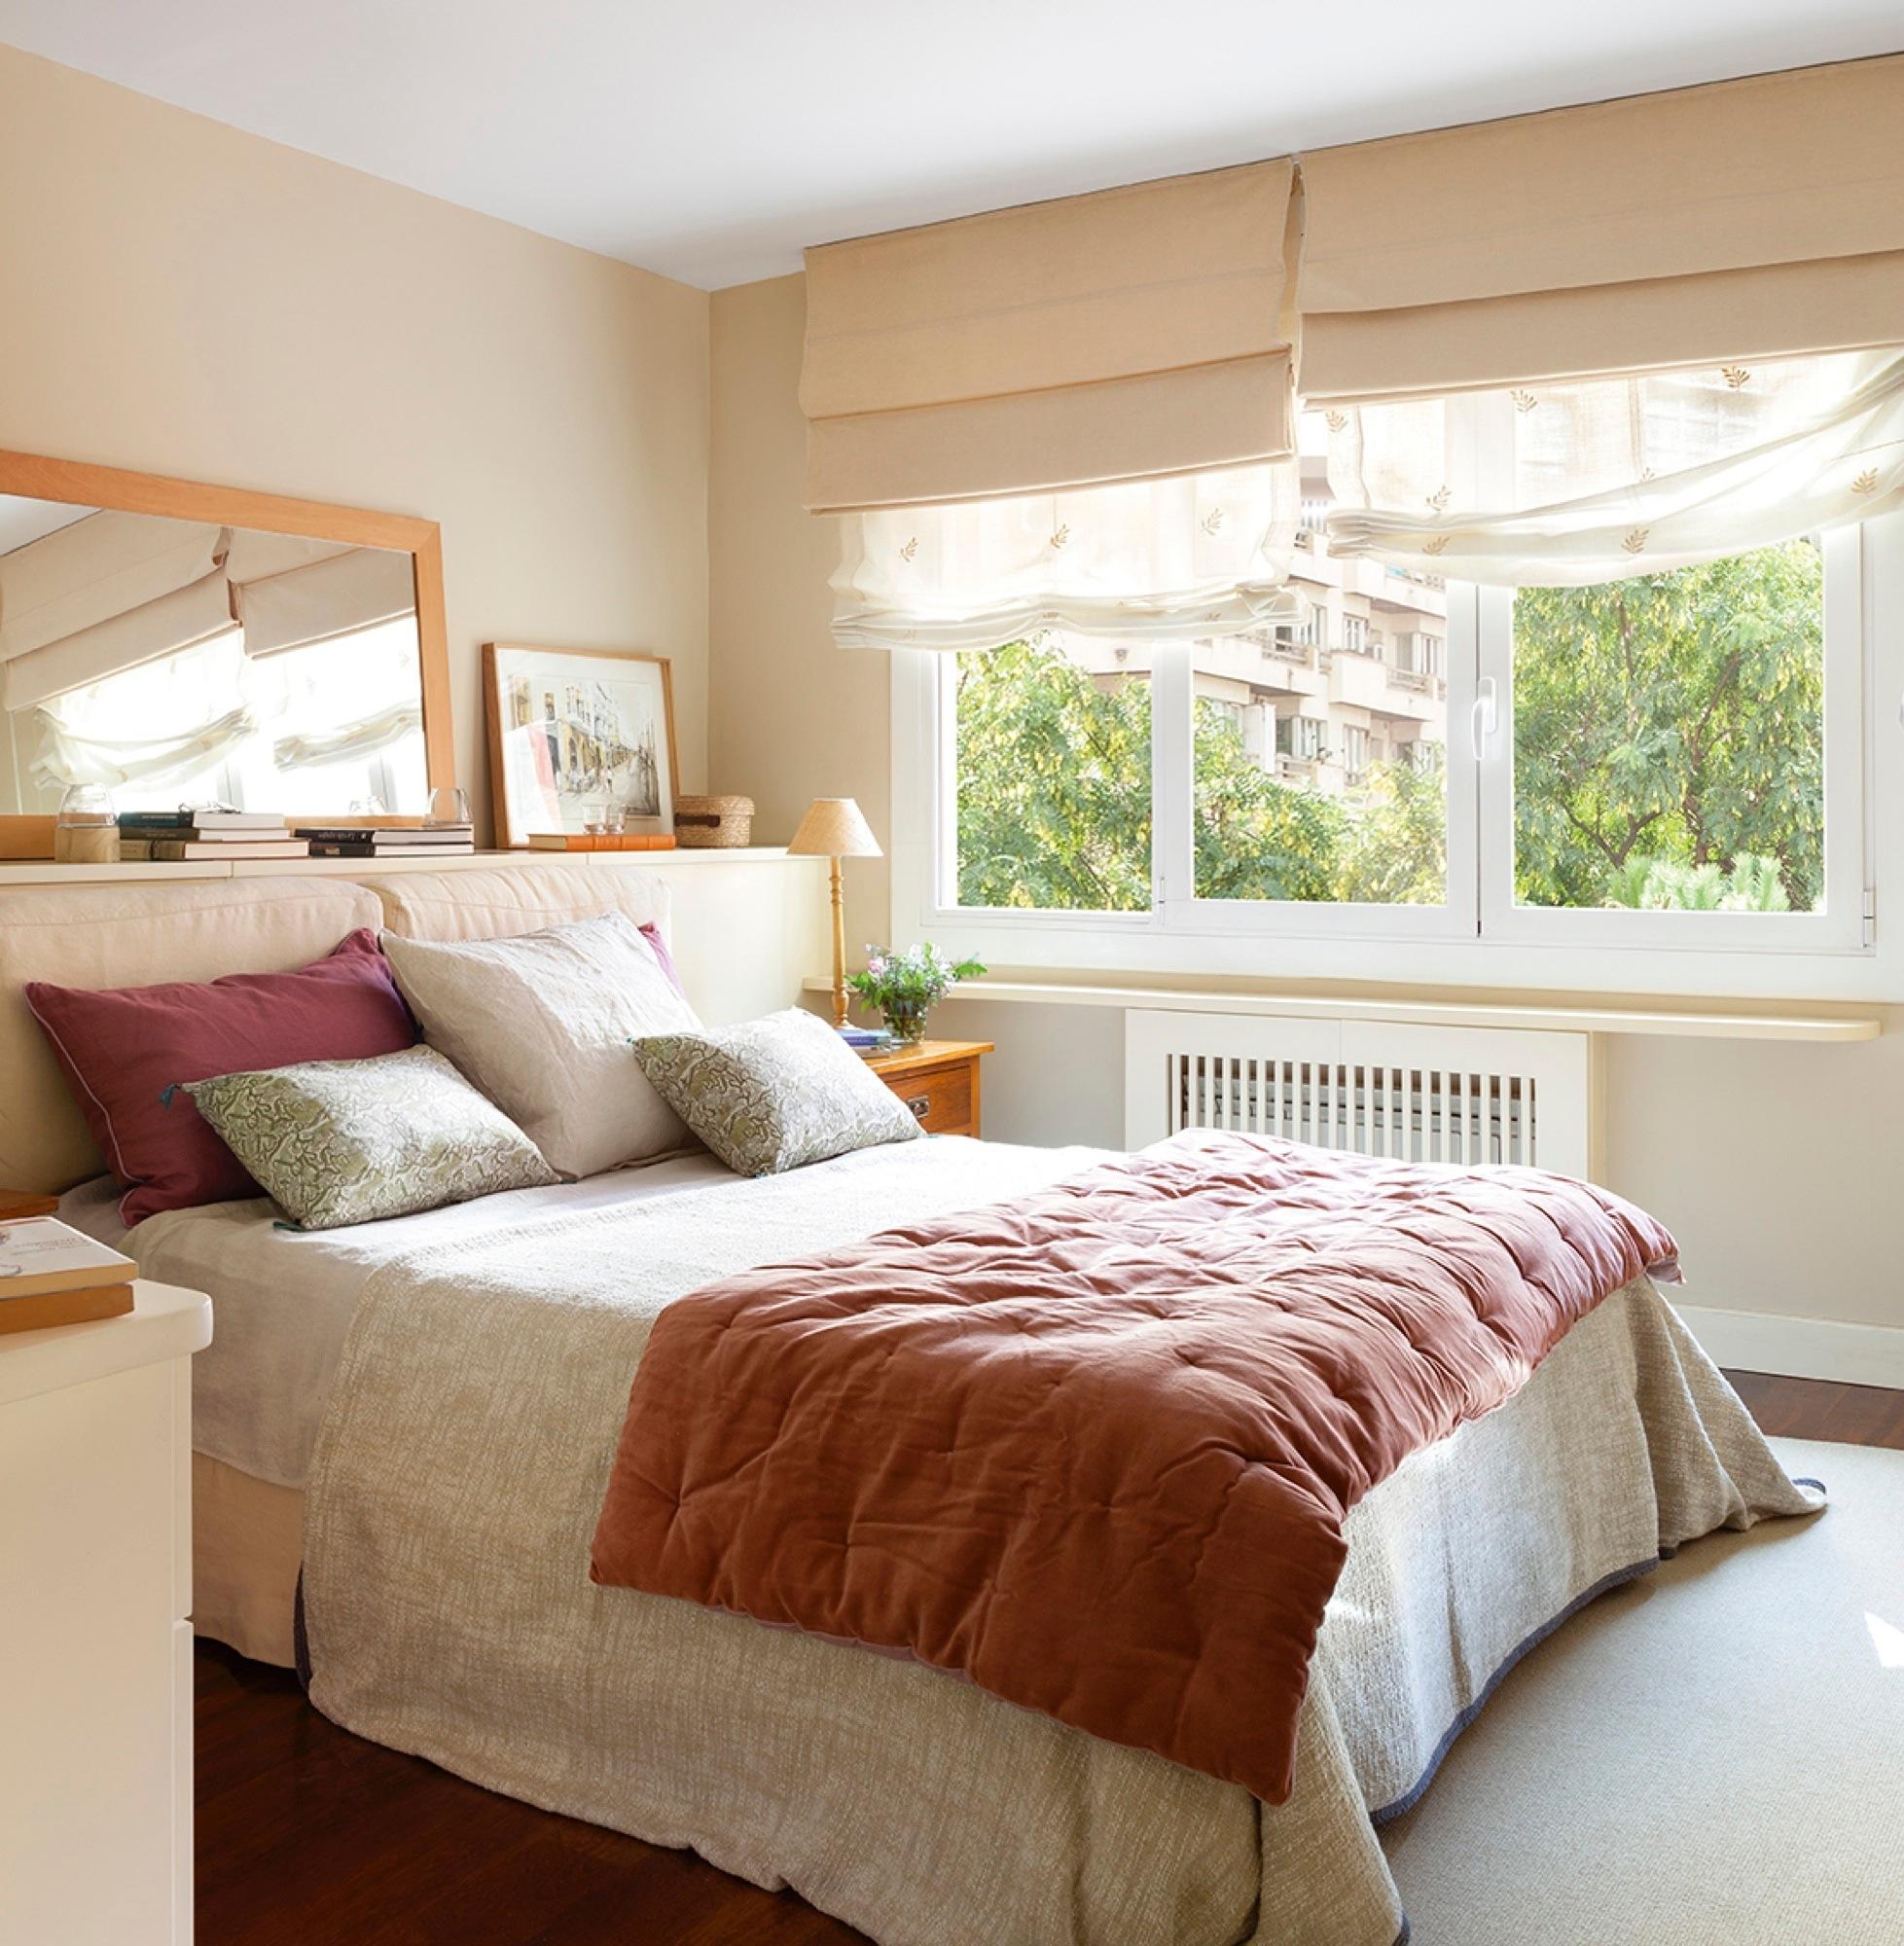 Casa reformada en barcelona despu s de tener ni os - Lamparas para dormitorios ...